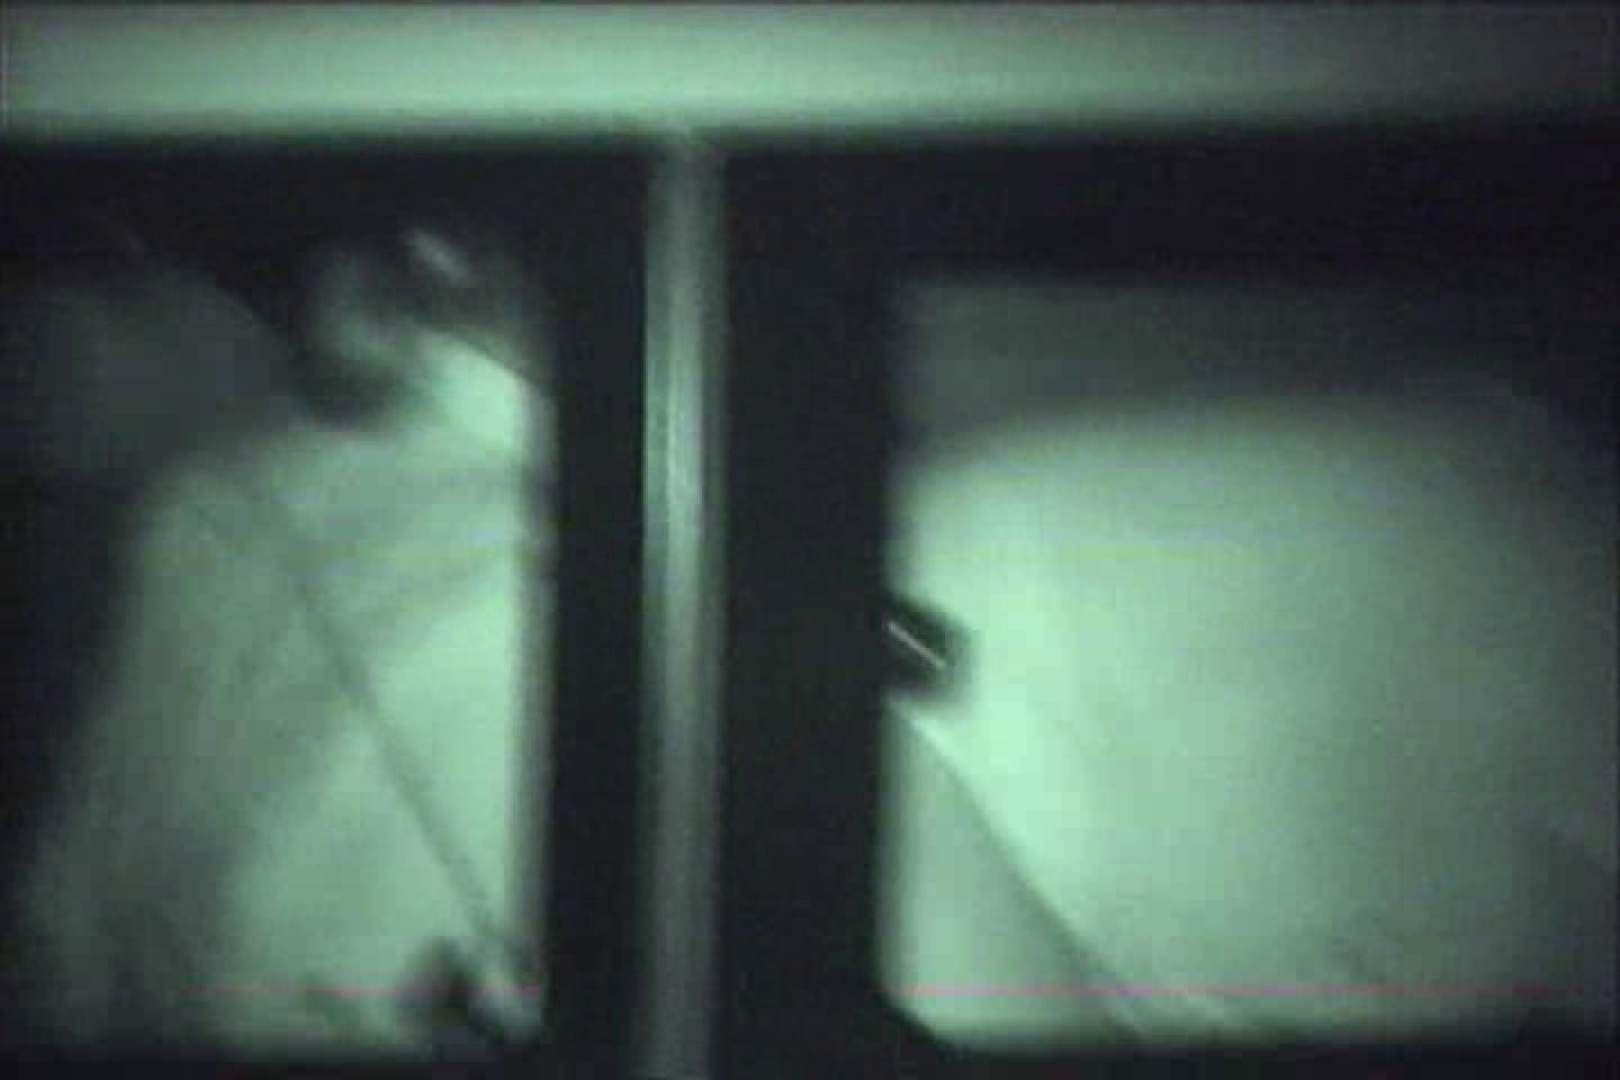 車の中はラブホテル 無修正版  Vol.17 マンコ | 赤外線  97画像 36